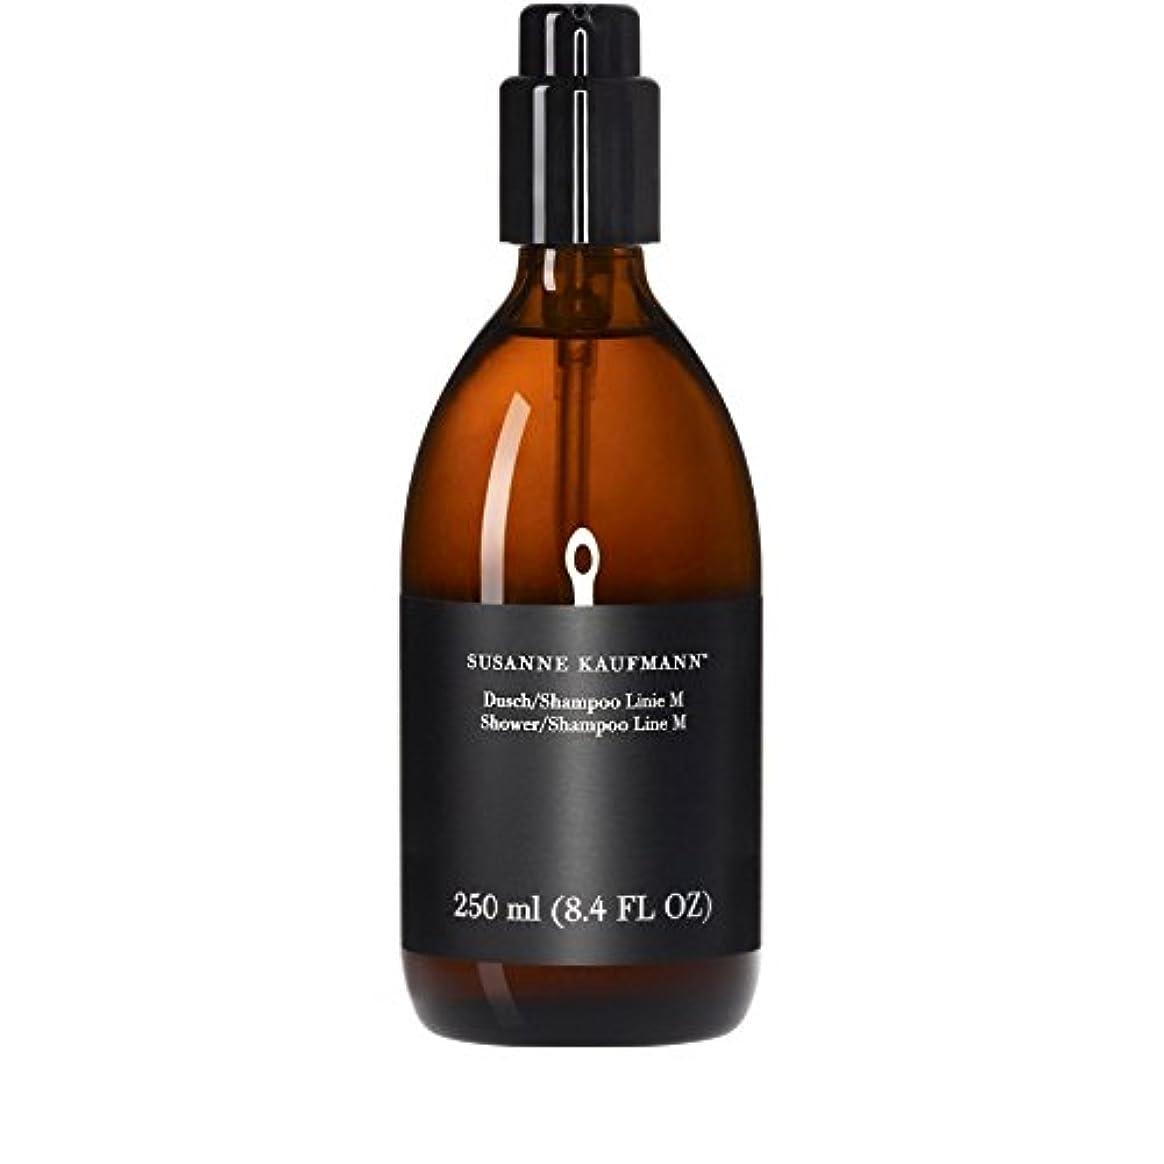 施し不当溝Susanne Kaufmann Shower/Shampoo for Men 250ml (Pack of 6) - 男性のためのスザンヌカウフマンシャワー/シャンプー250ミリリットル x6 [並行輸入品]